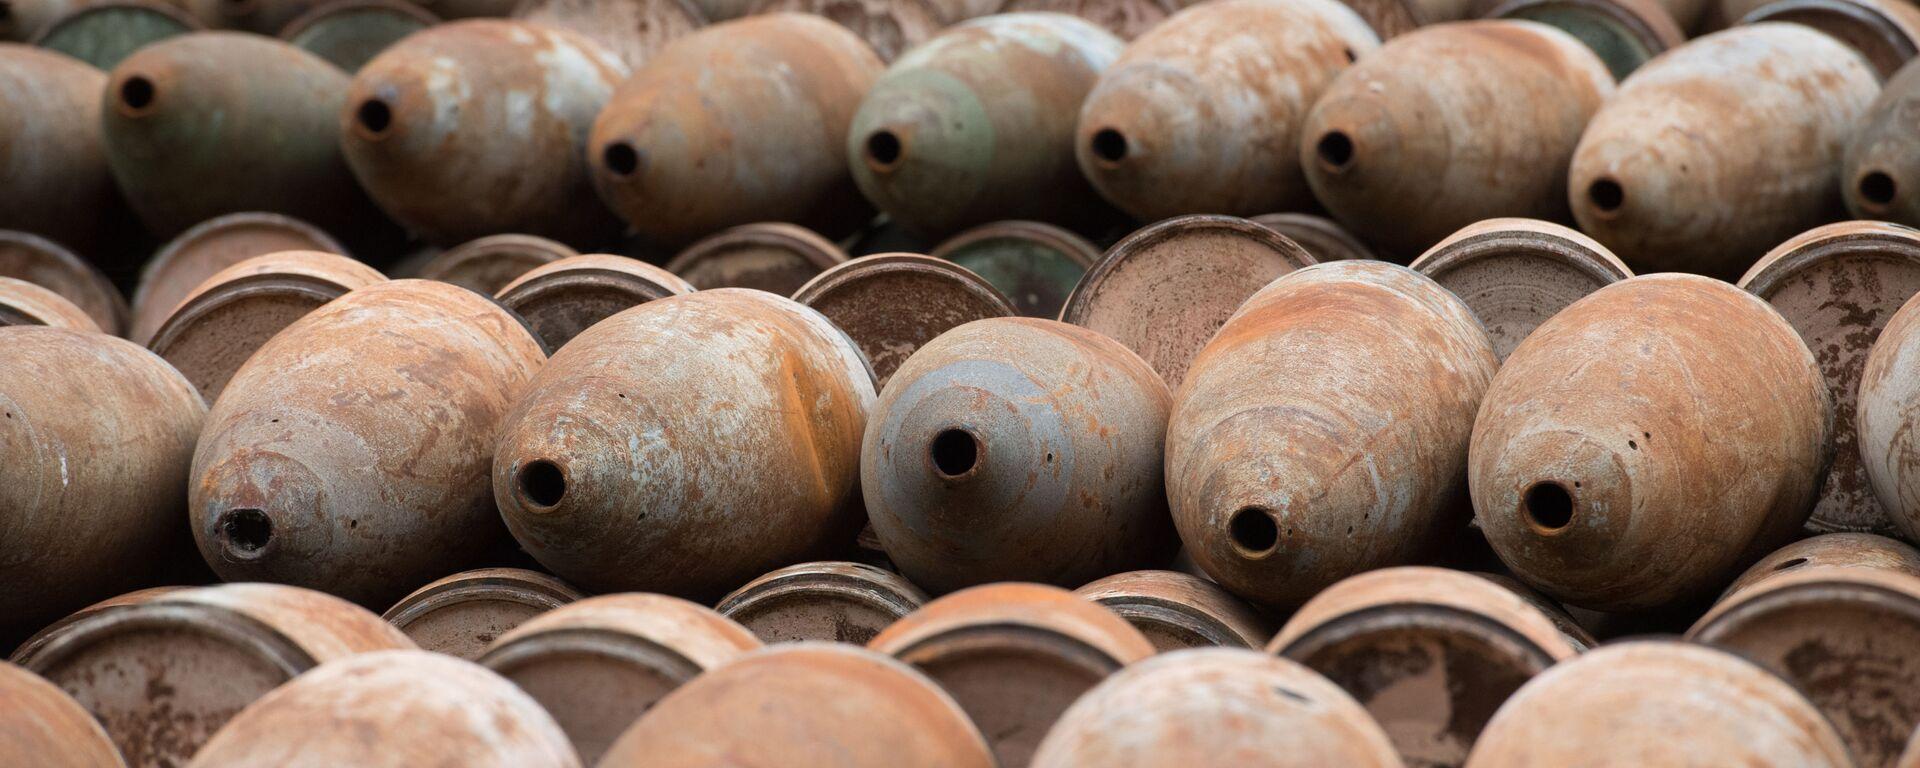 Площадка открытого хранения обожженных боеприпасов с отравляющими веществами для последующей утилизации - Sputnik Ўзбекистон, 1920, 06.10.2021